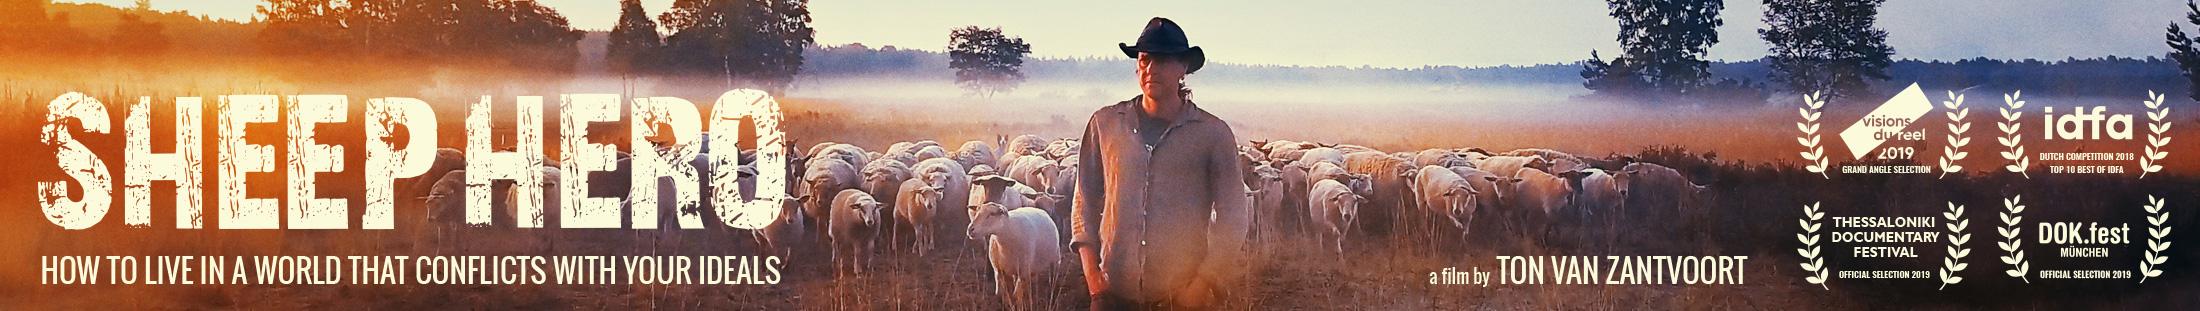 SHEEP HERO documentary Top 10 best of IDFA